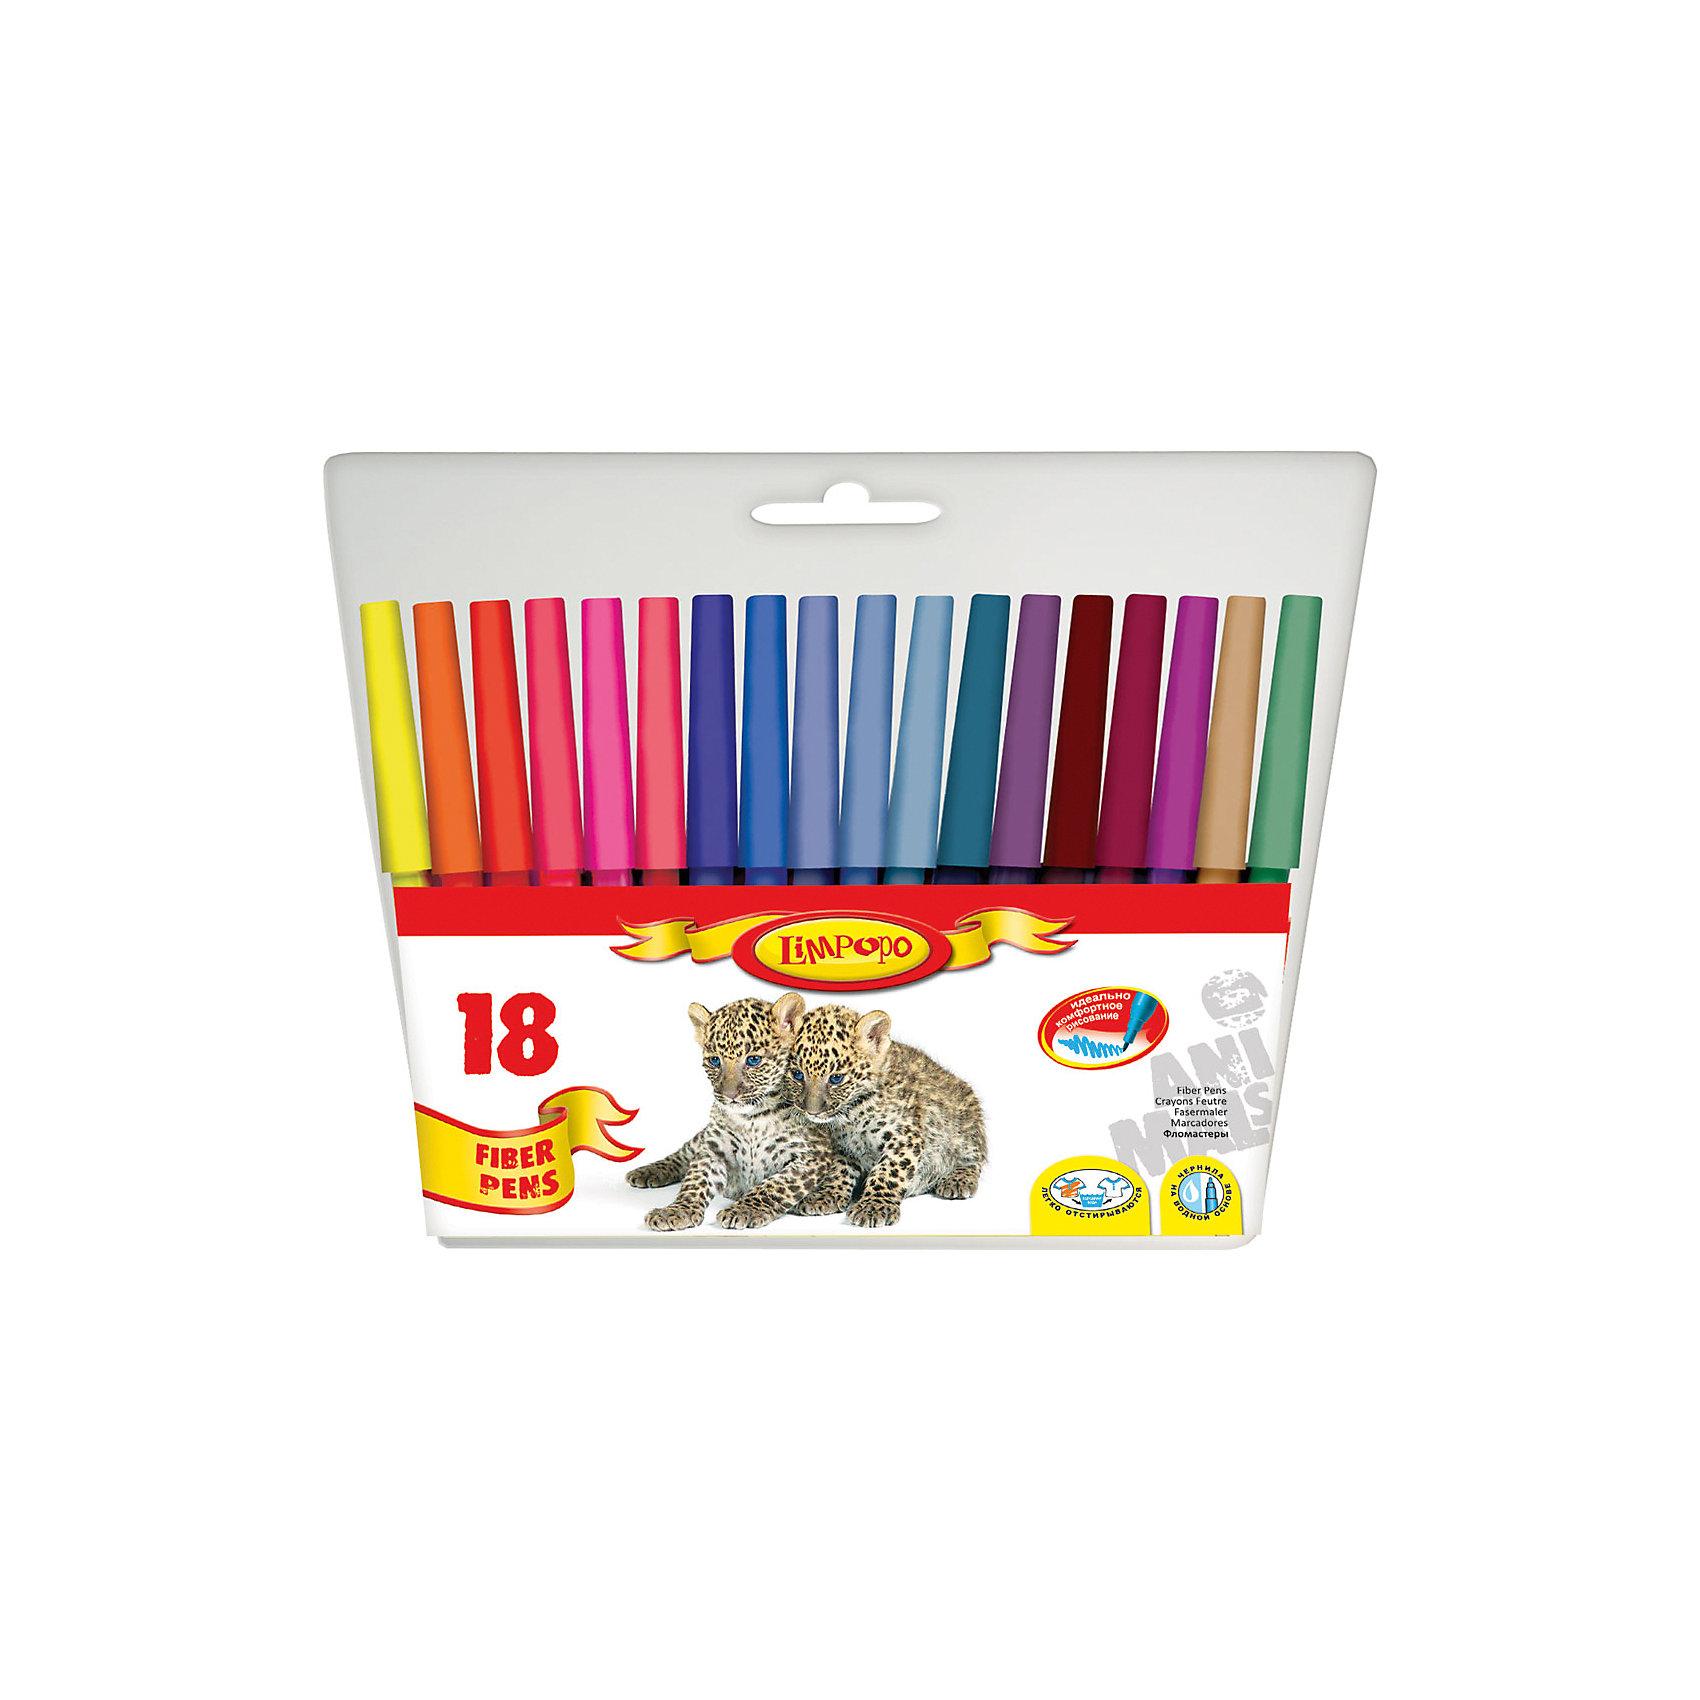 Фломастеры Хищники 18 цветовПисьменные принадлежности<br>Фломастеры Хищники 18 цветов, Limpopo (Лимпопо)<br><br>Характеристики:<br><br>• безопасные чернила<br>• яркие цвета<br>• вентилируемый колпачок<br>• привлекательный дизайн упаковки для любителей животных<br>• в комплекте: 18 фломастеров<br>• размер упаковки: 16х17х1 см<br>• вес: 85 грамм<br><br>Каждый ребенок любит рисовать фломастерами, ведь они очень яркие и удобные. Набор фломастеров Хищники создан специально для поклонников животных. В комплект входят 18 фломастеров ярких цветов. Чернила экологические и безопасные для ребенка. Вентилируемый колпачок препятствует быстрому высыханию. С этим набором у малыша получатся самые красивые рисунки!<br><br>Фломастеры Хищники 18 цветов, Limpopo (Лимпопо) вы можете купить в нашем интернет-магазине.<br><br>Ширина мм: 170<br>Глубина мм: 10<br>Высота мм: 160<br>Вес г: 85<br>Возраст от месяцев: 48<br>Возраст до месяцев: 144<br>Пол: Унисекс<br>Возраст: Детский<br>SKU: 5390291